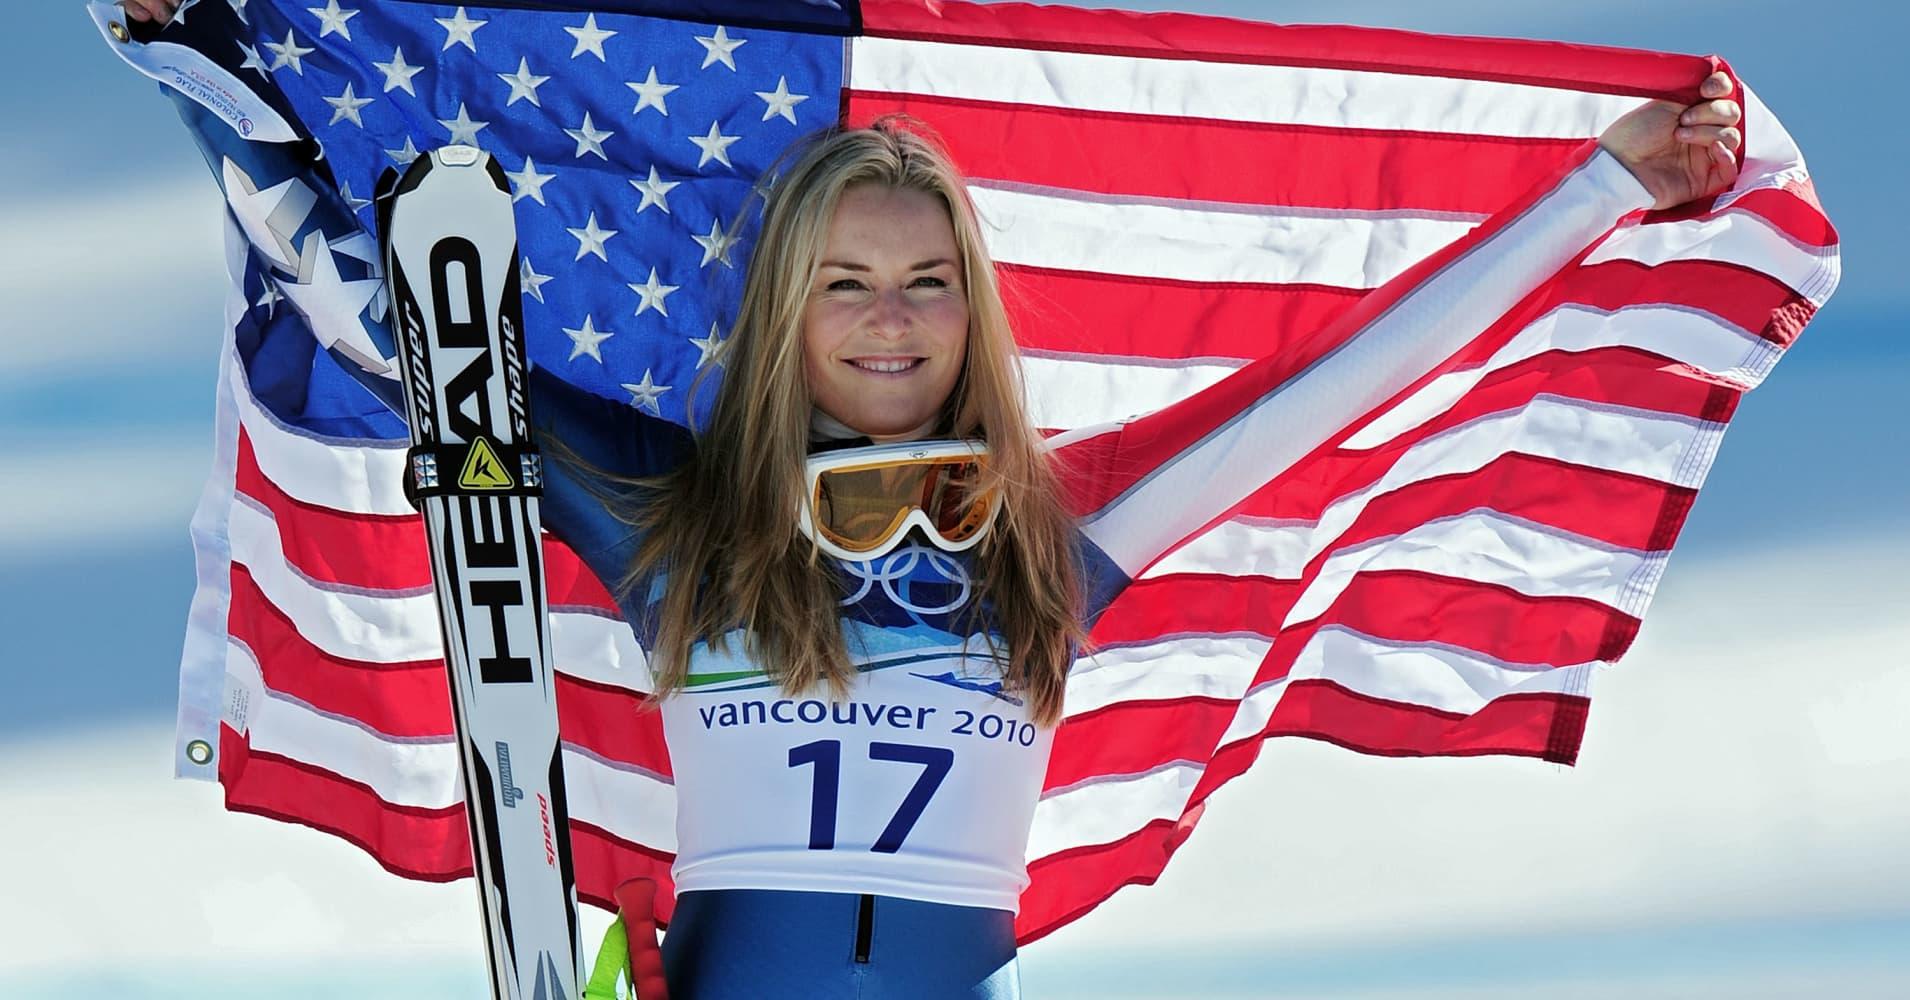 Alpine ski racer Lindsey Vonn